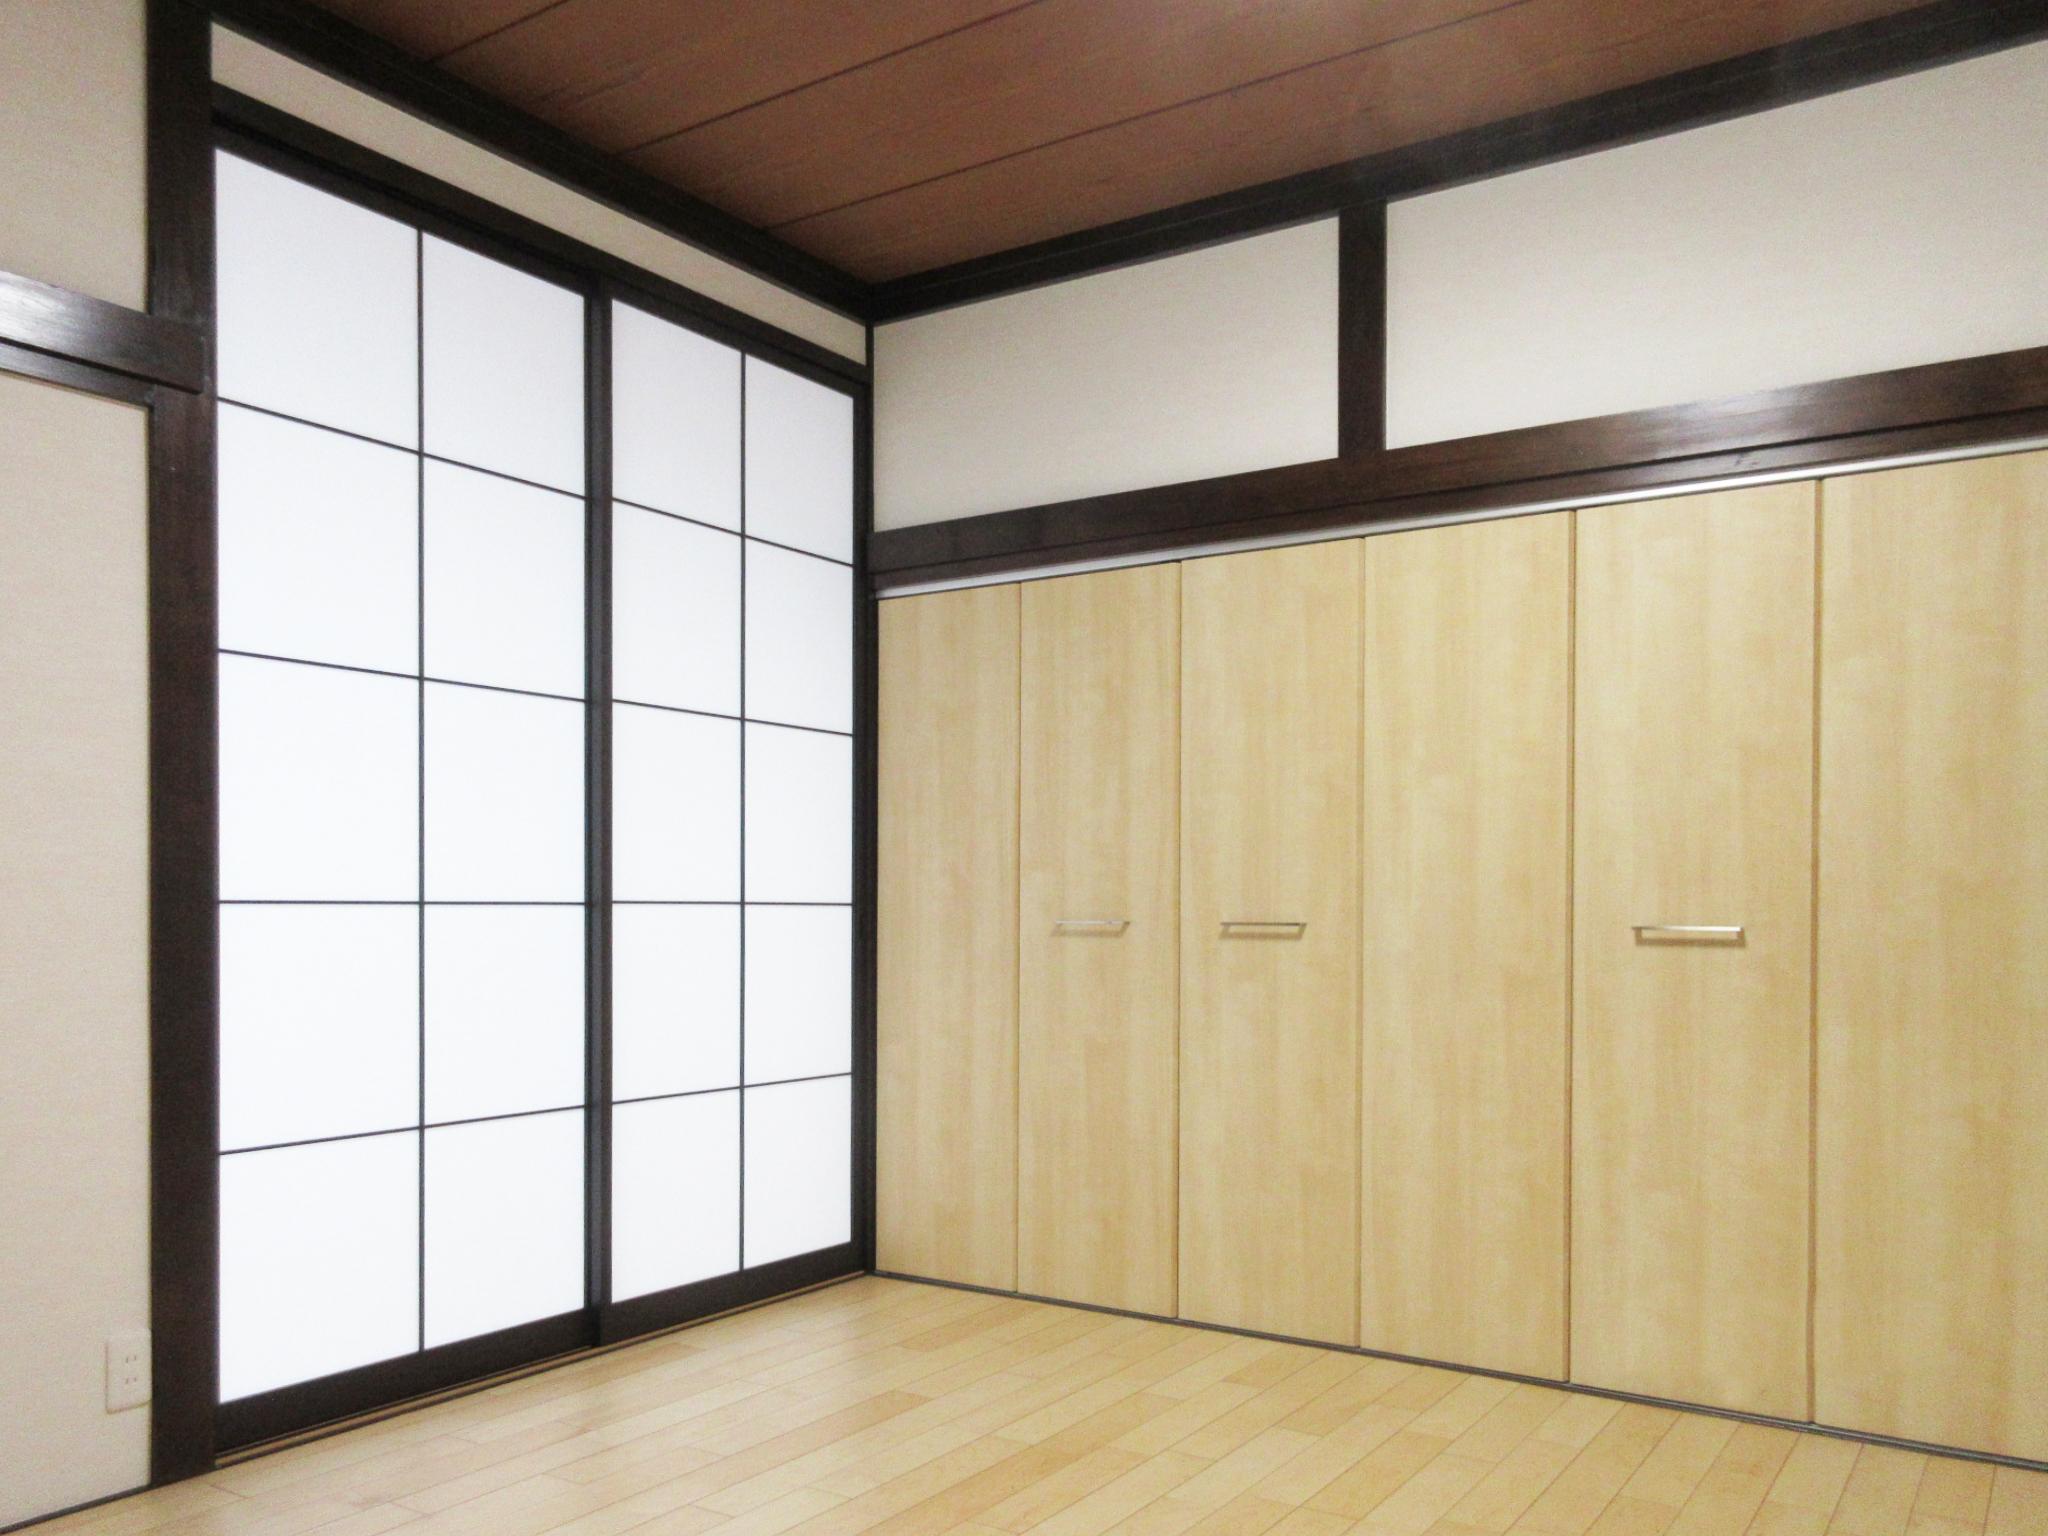 和室改装工事 和室から洋室へ